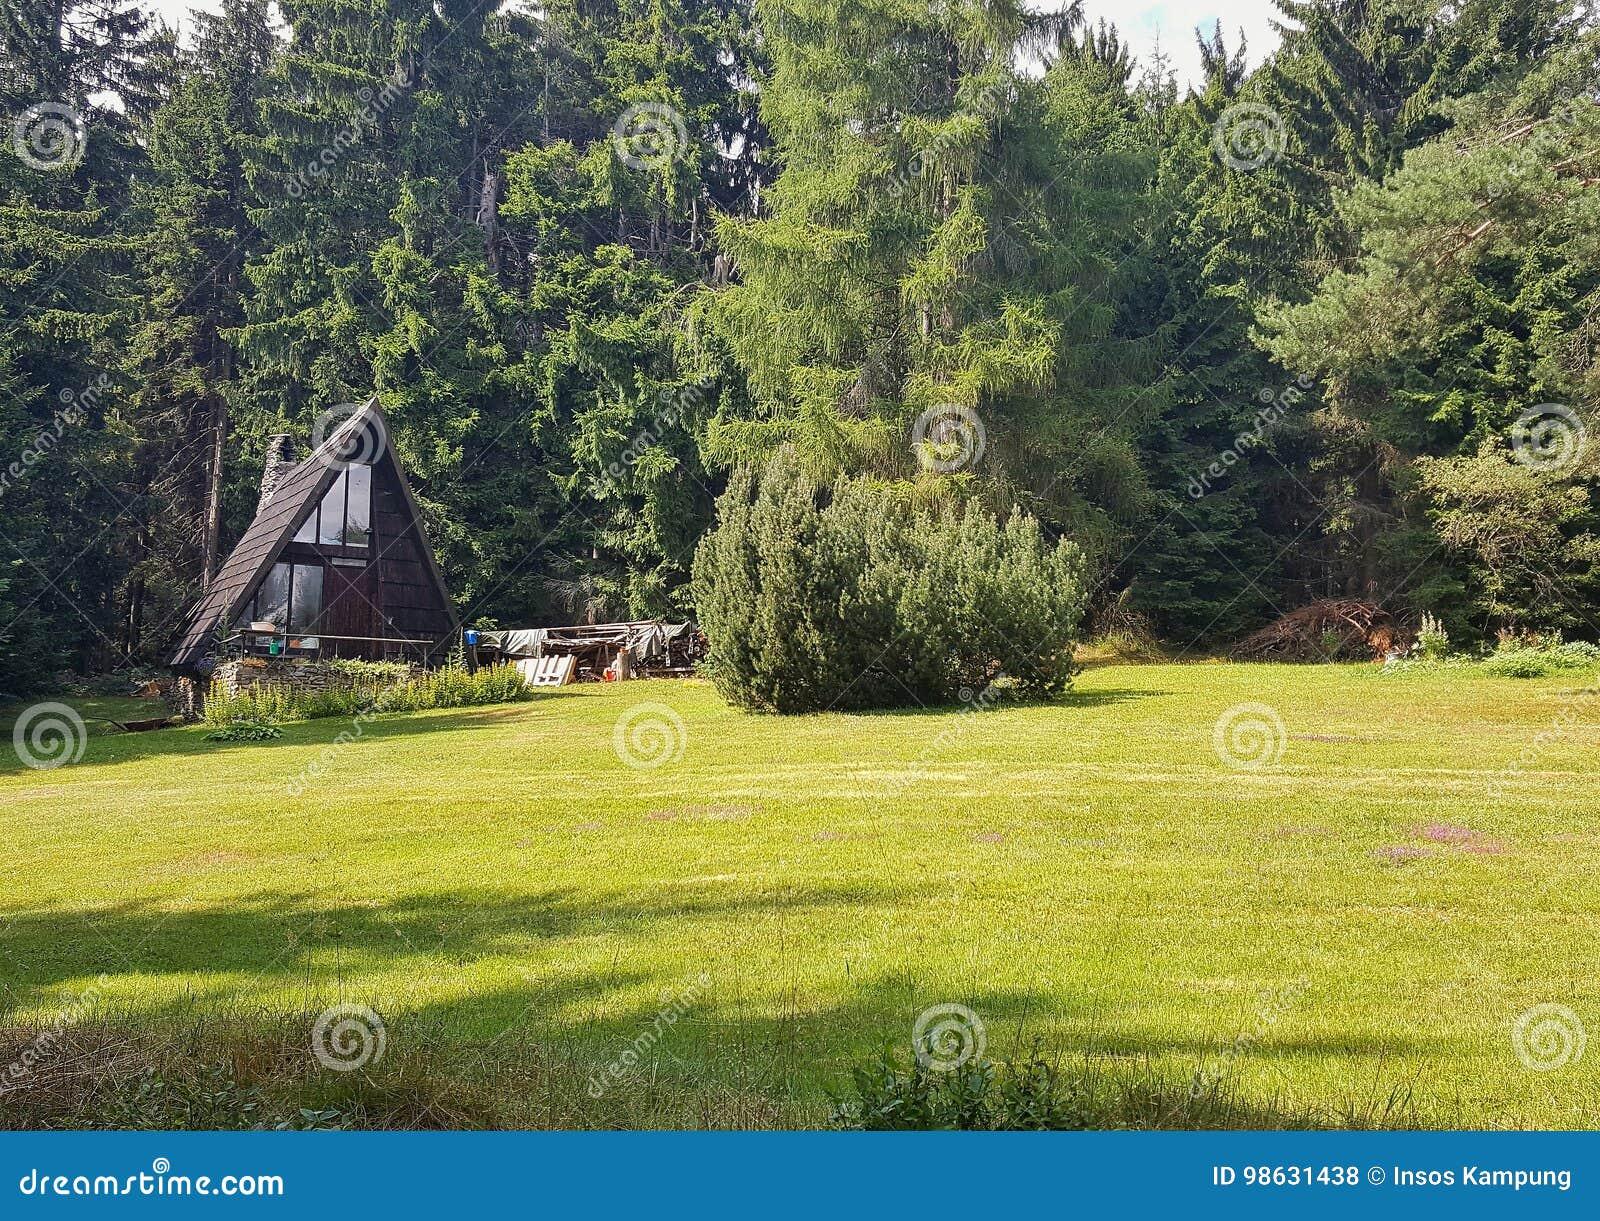 Wooden Shack in Czech Forest